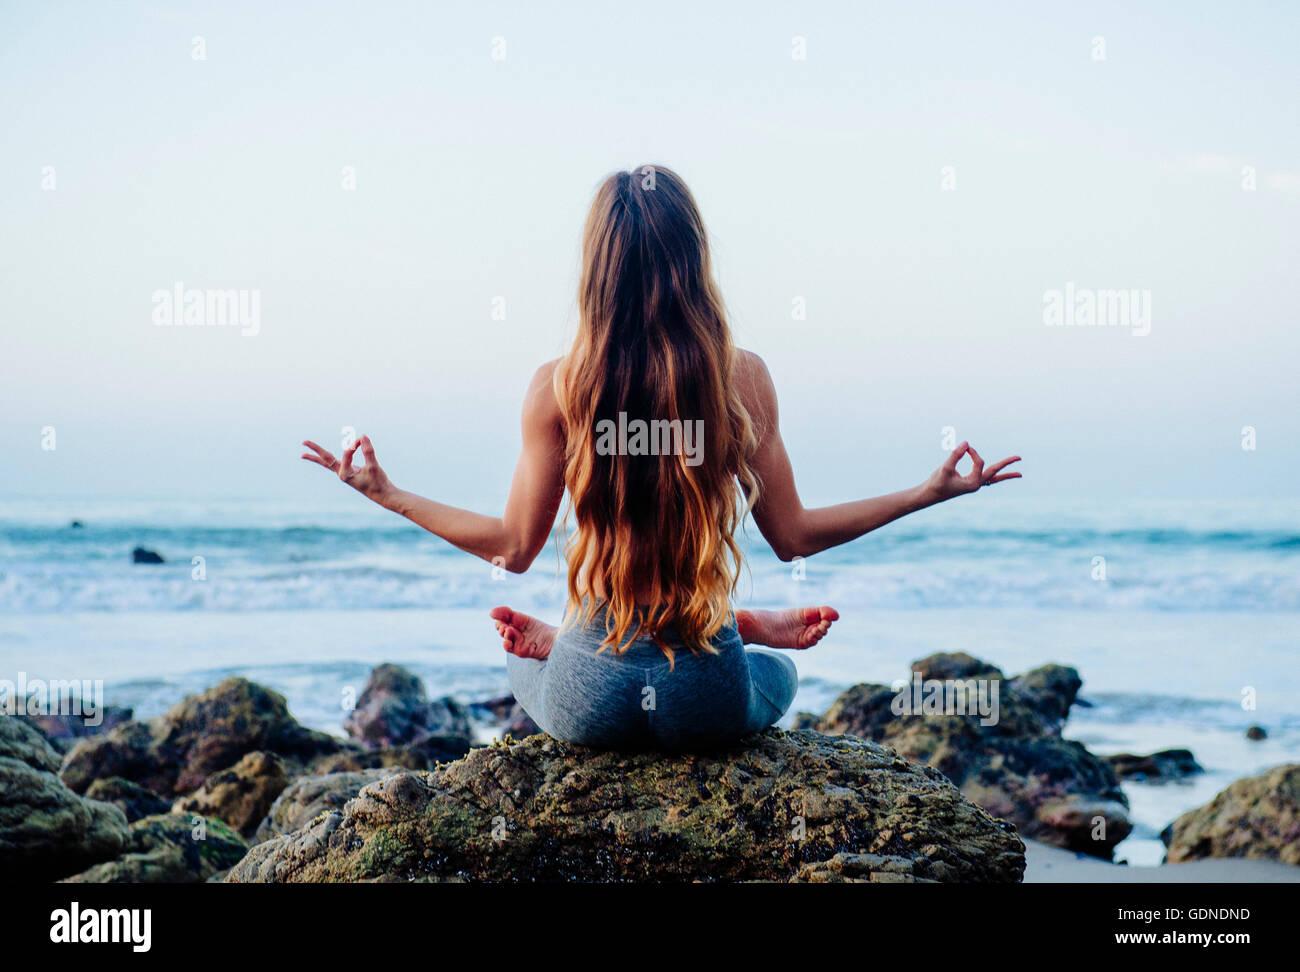 Vista posteriore della giovane donna con capelli lunghi in pratica lotus yoga pone sulle rocce presso la spiaggia Immagini Stock